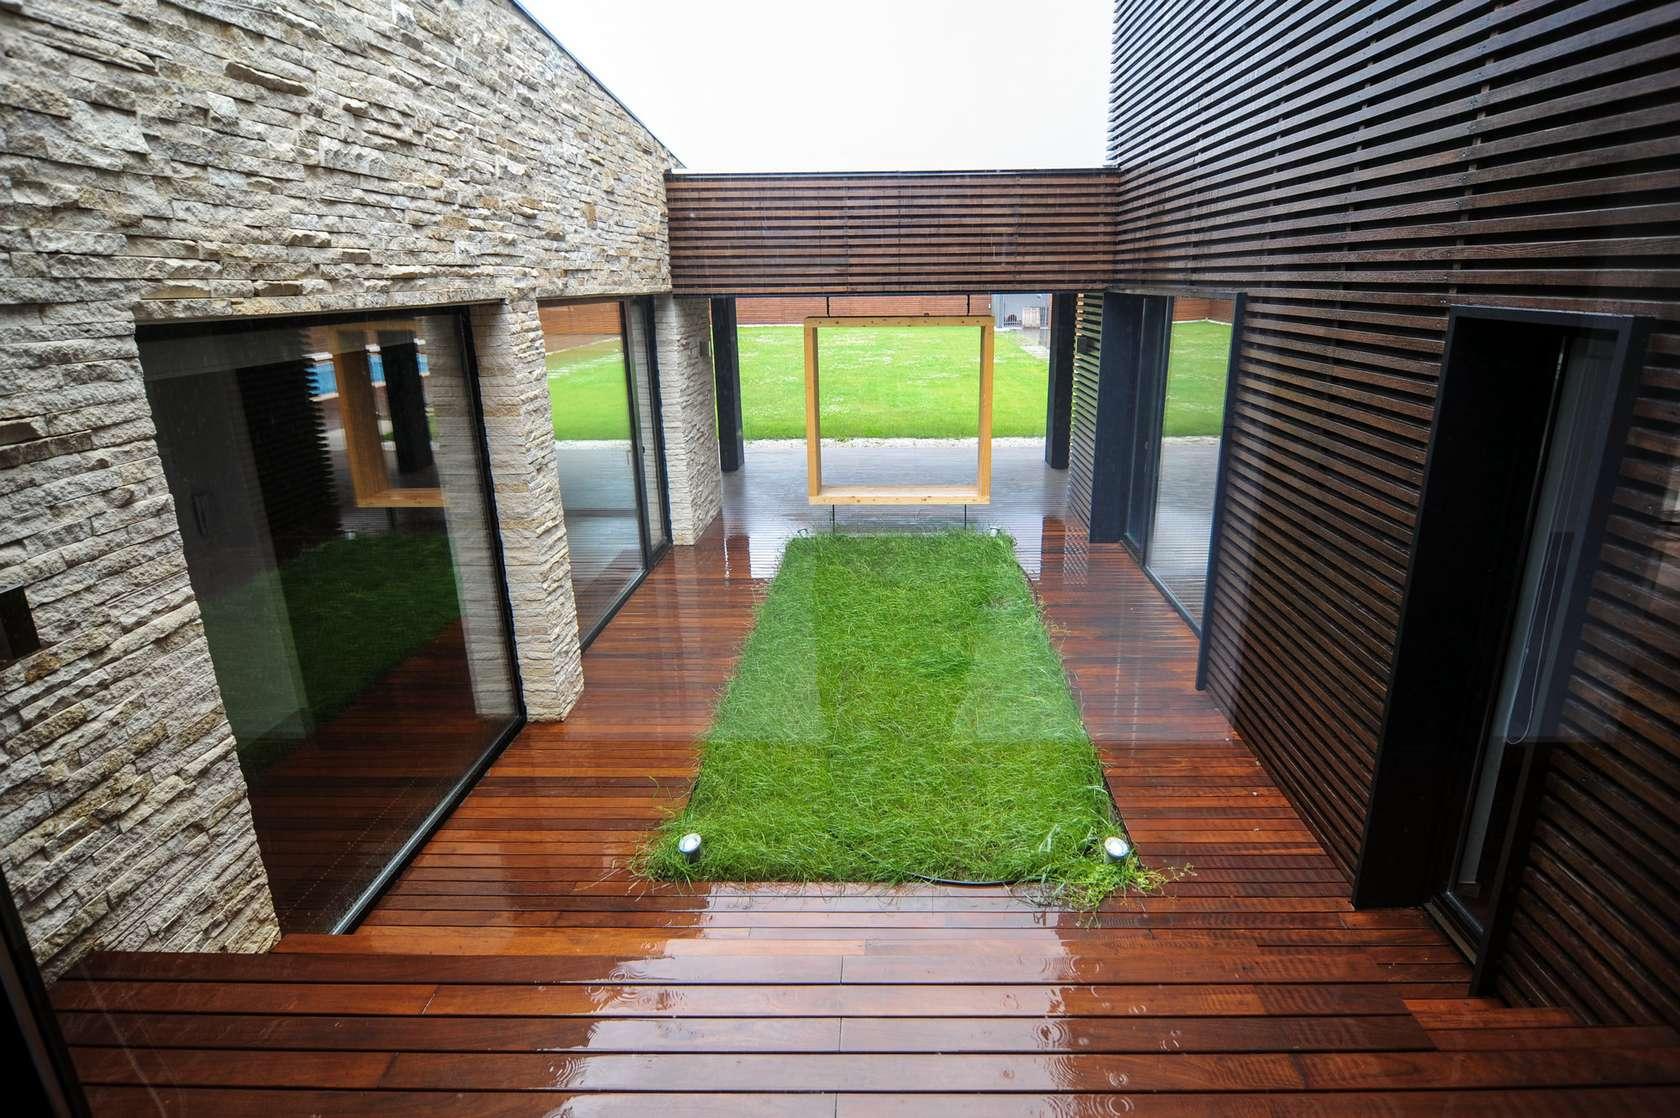 Jardines interiores modernos con piedras for Jardines modernos con piedras